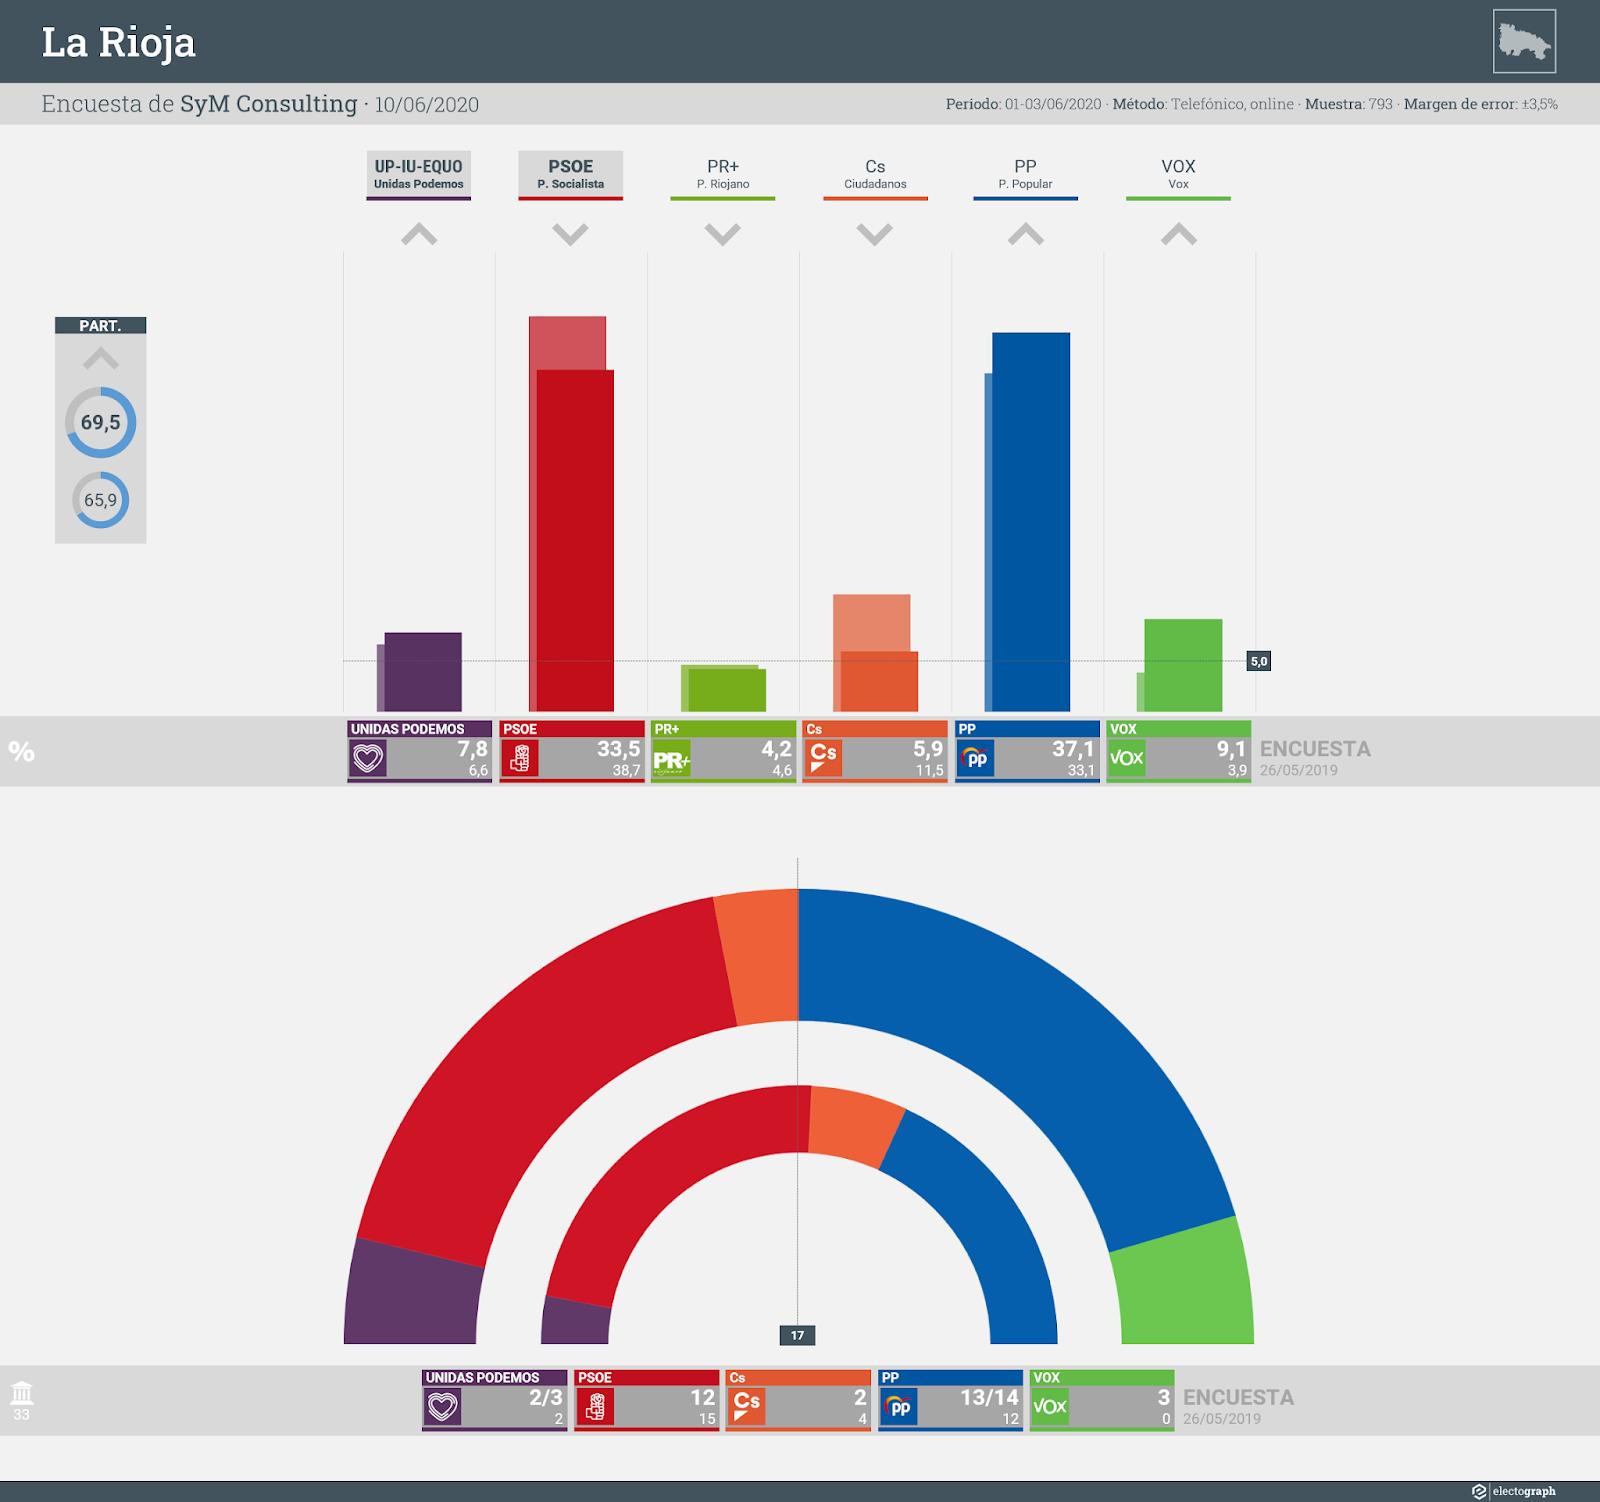 Gráfico de la encuesta para elecciones autonómicas en La Rioja realizada por SyM Consulting, 10 de junio de 2020